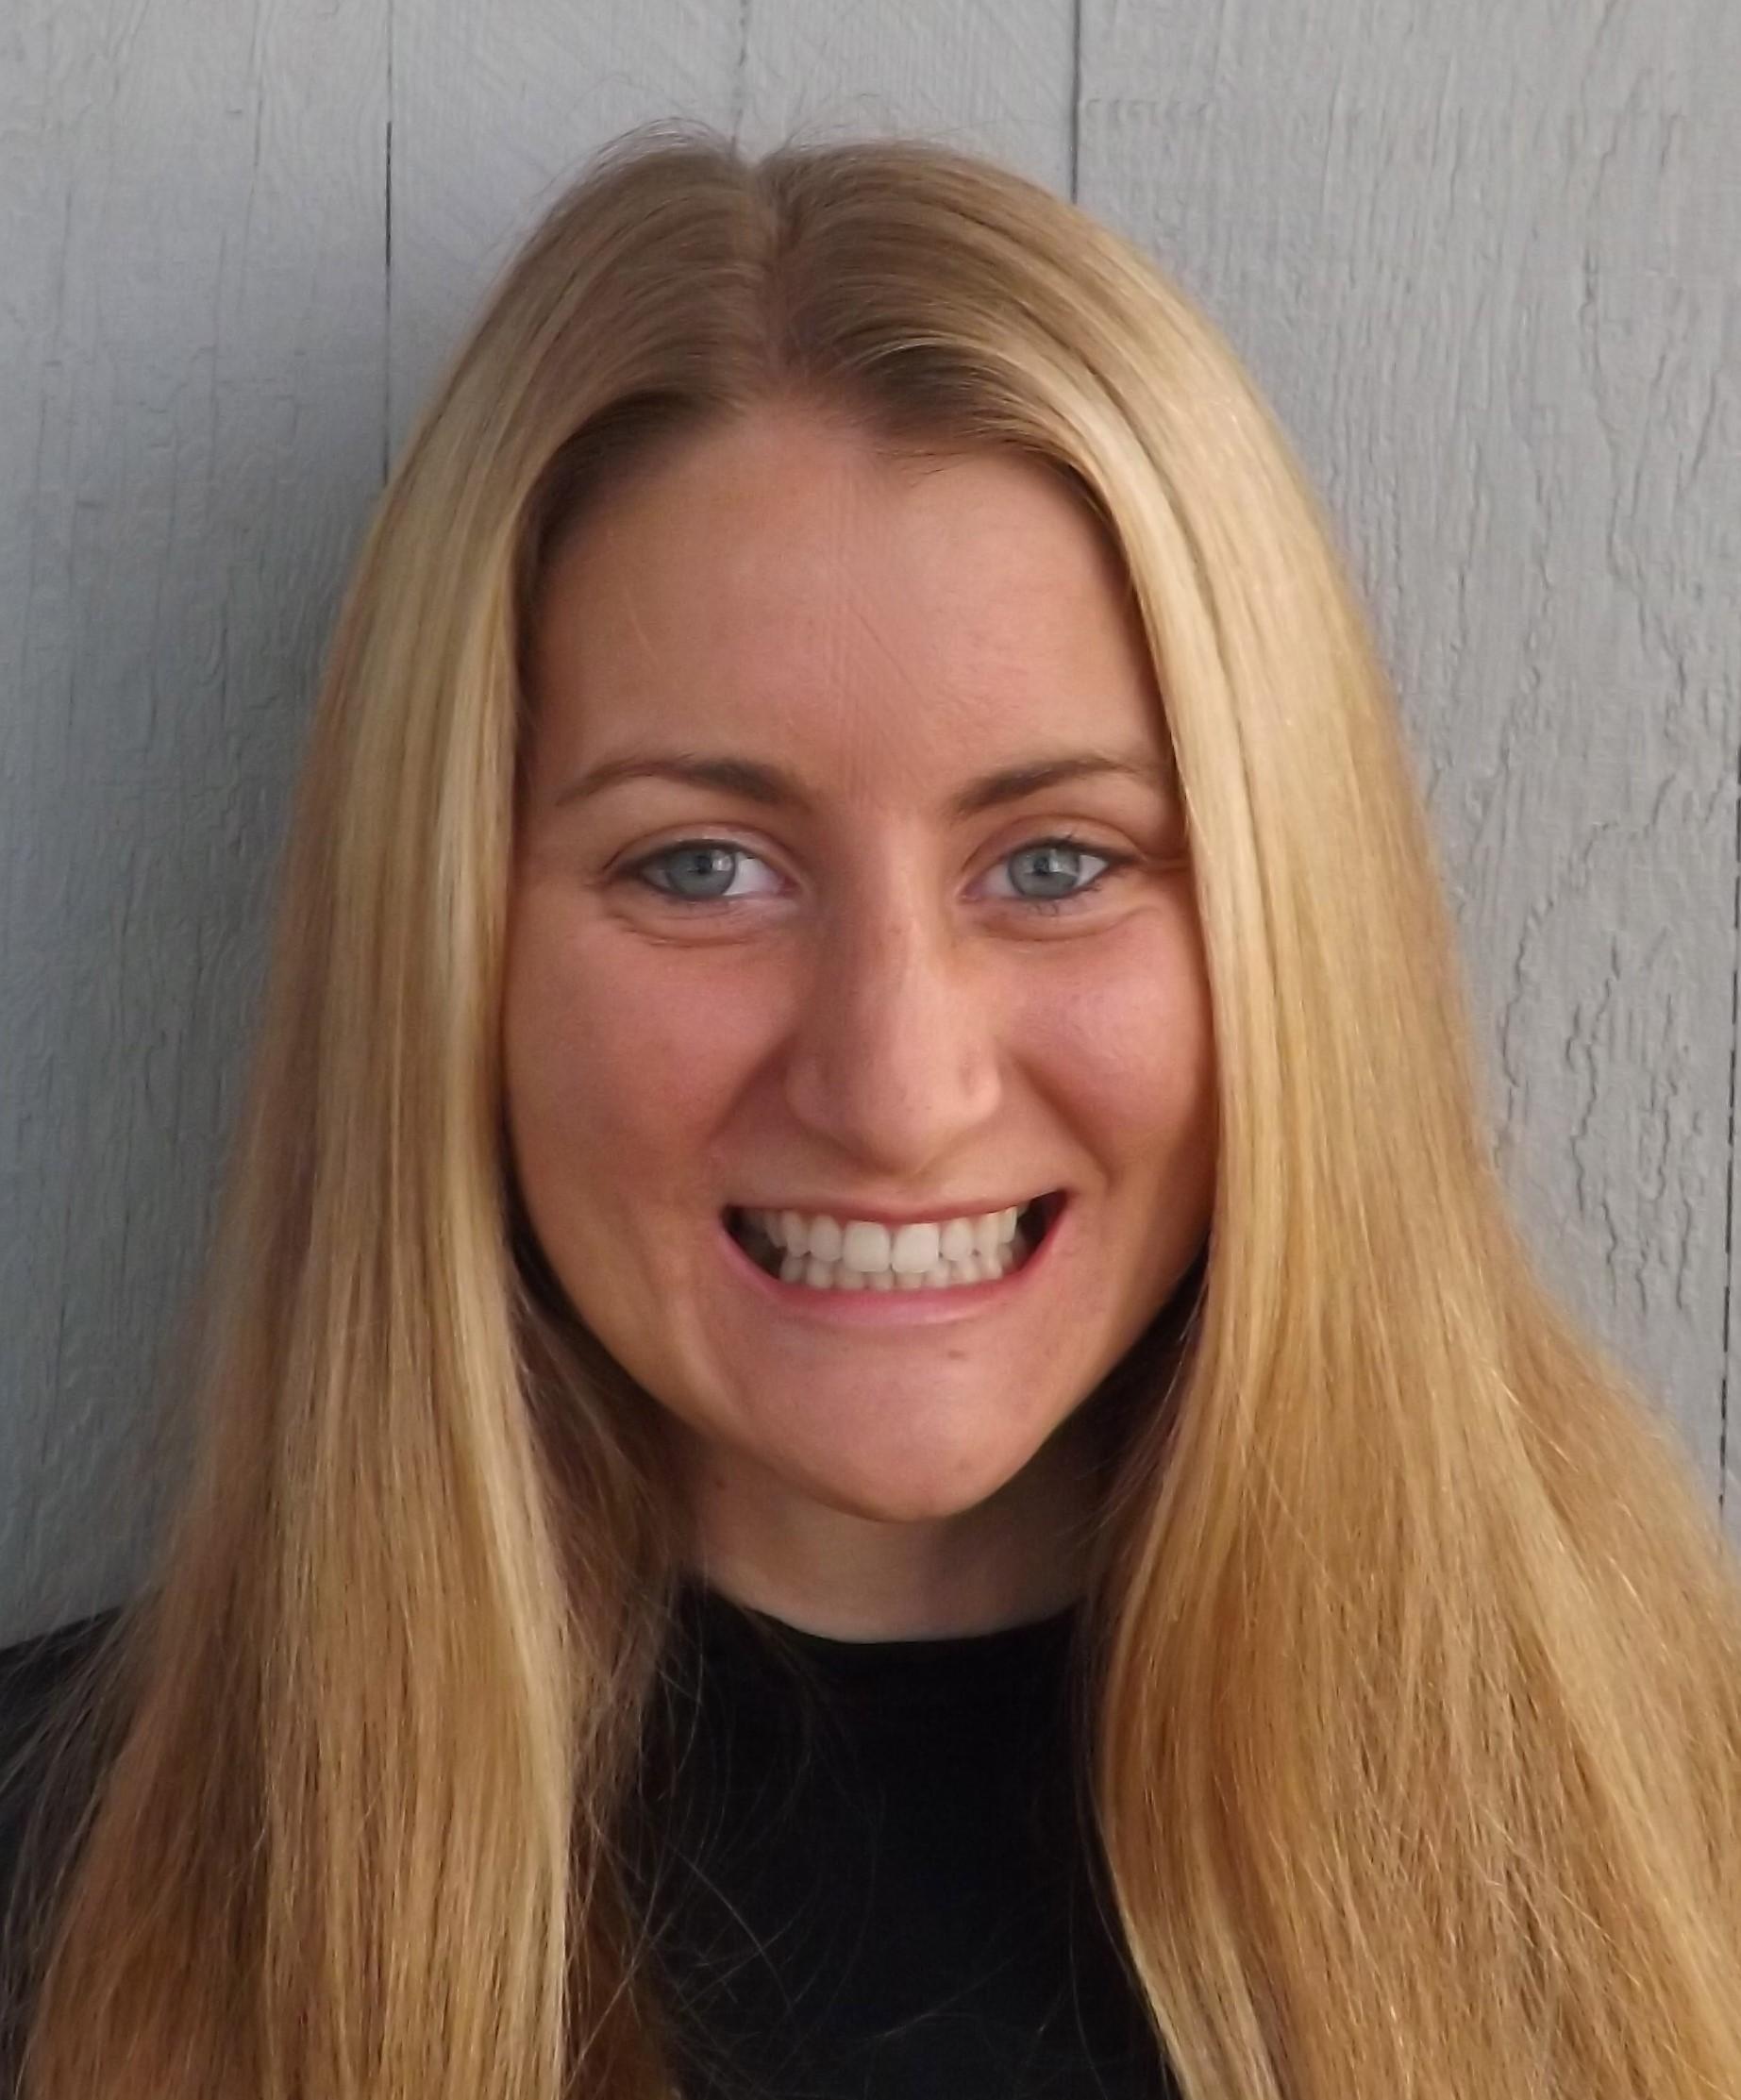 Stephanie Mock